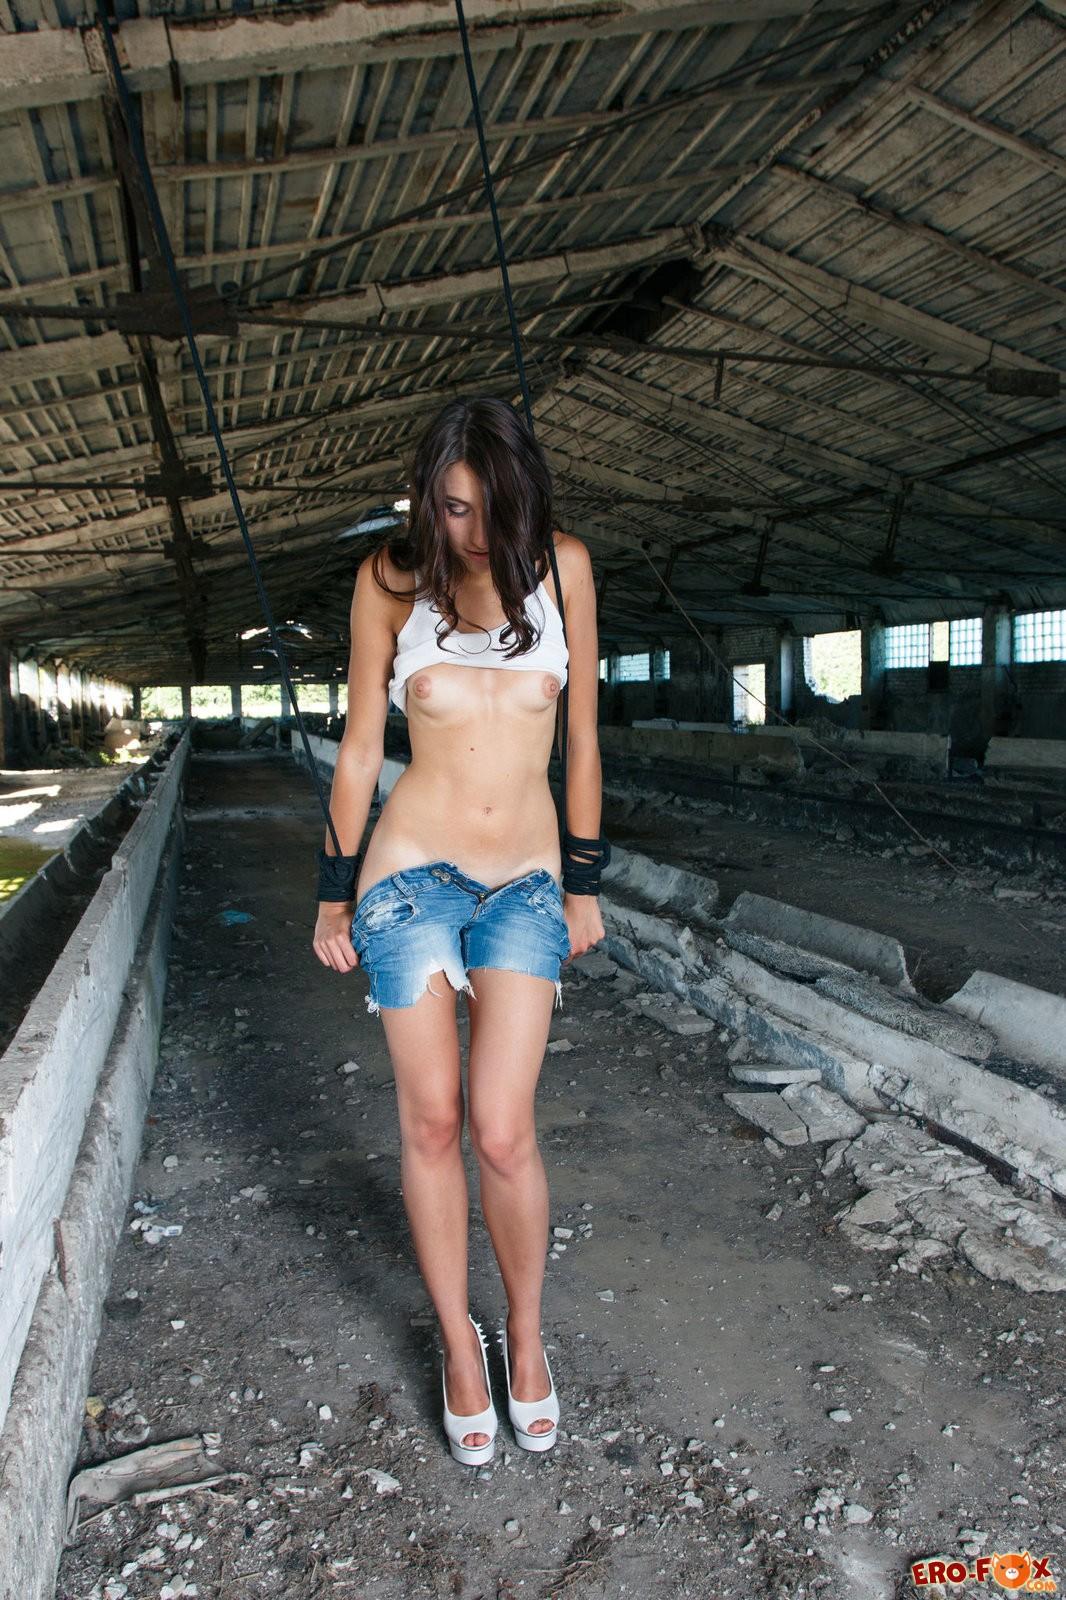 Тощая голая девушка в старом ангаре